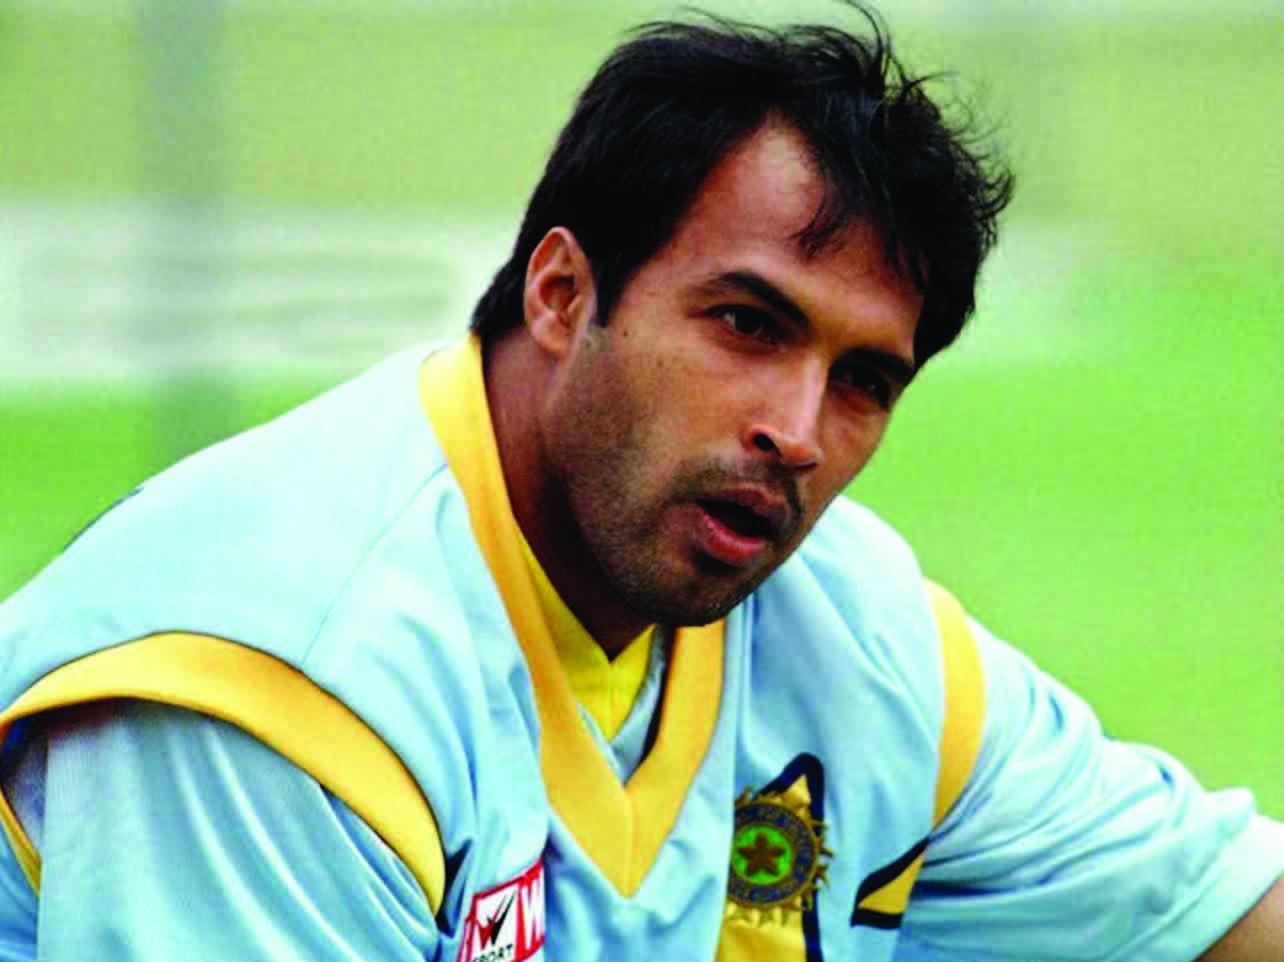 এই ভারতীয় প্রাক্তন তারকা খেলোয়াড় হলেন ইউএই-র ক্রিকেট ডাইরেক্টর 2